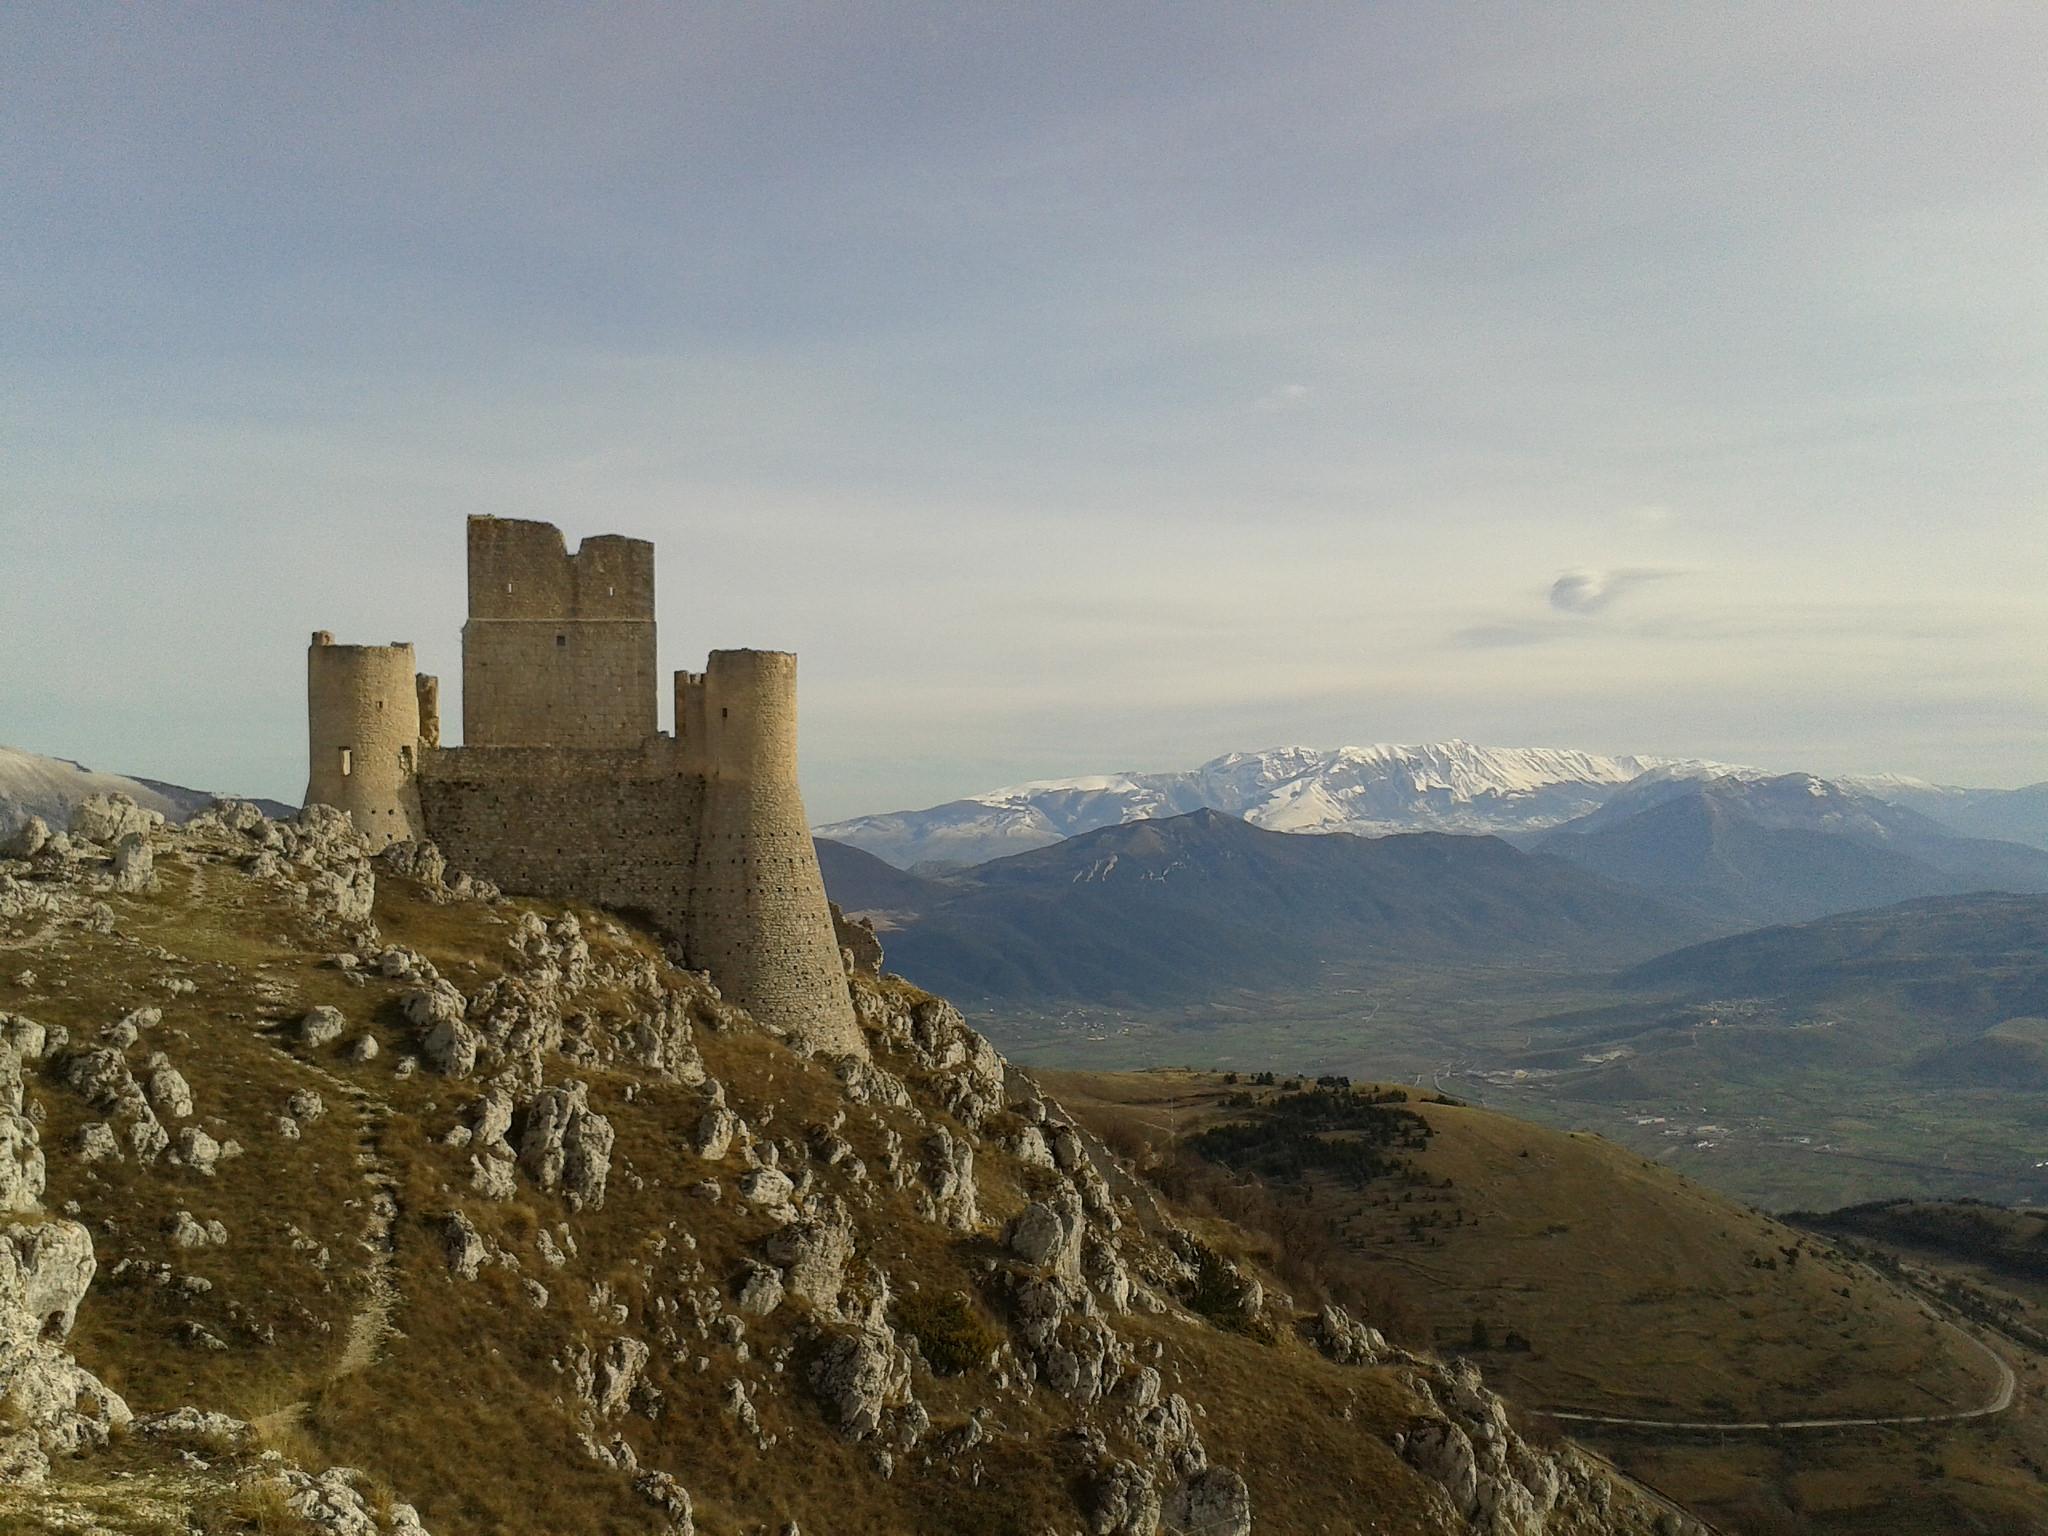 Rocca Calascio en los Abruzos